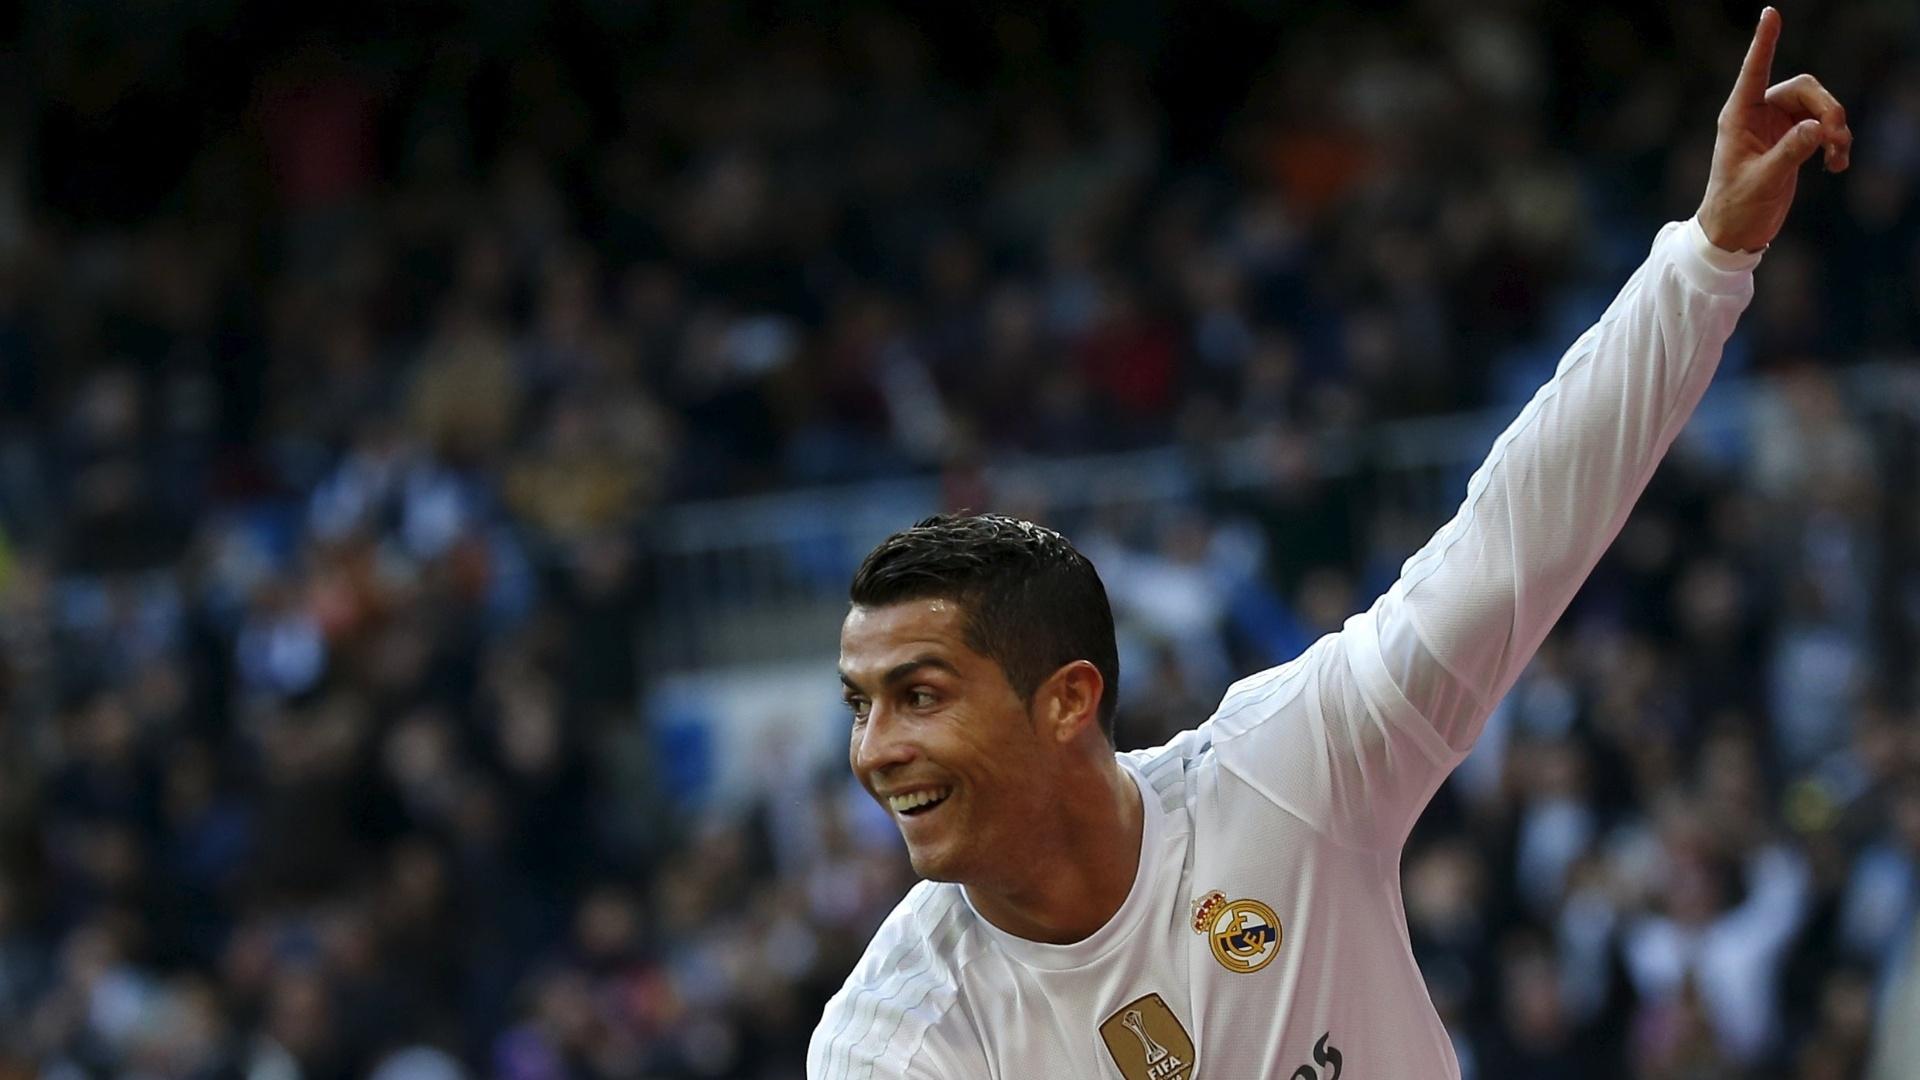 Cristiano Ronaldo comemora o quarto gol do Real Madrid na vitória sobre o Getafe